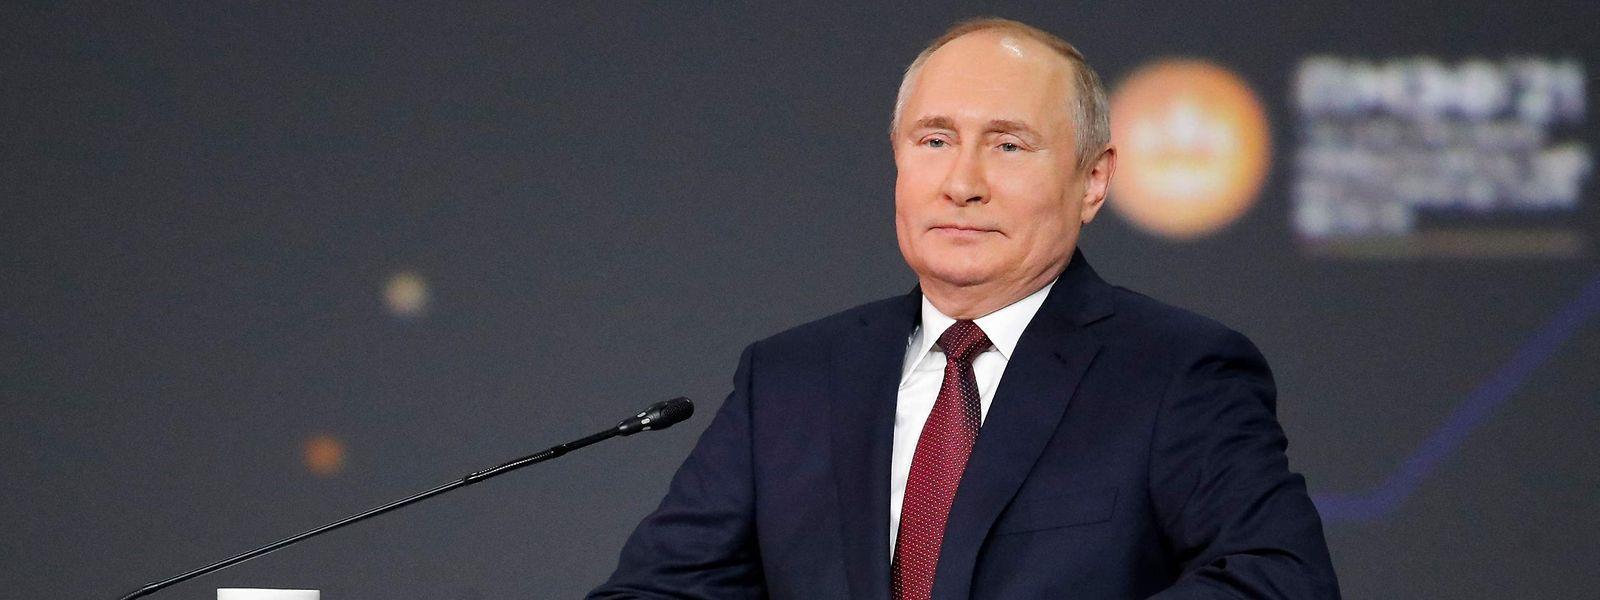 Russland hatte sich immer wieder für eine Rettung des Abkommens ausgesprochen.